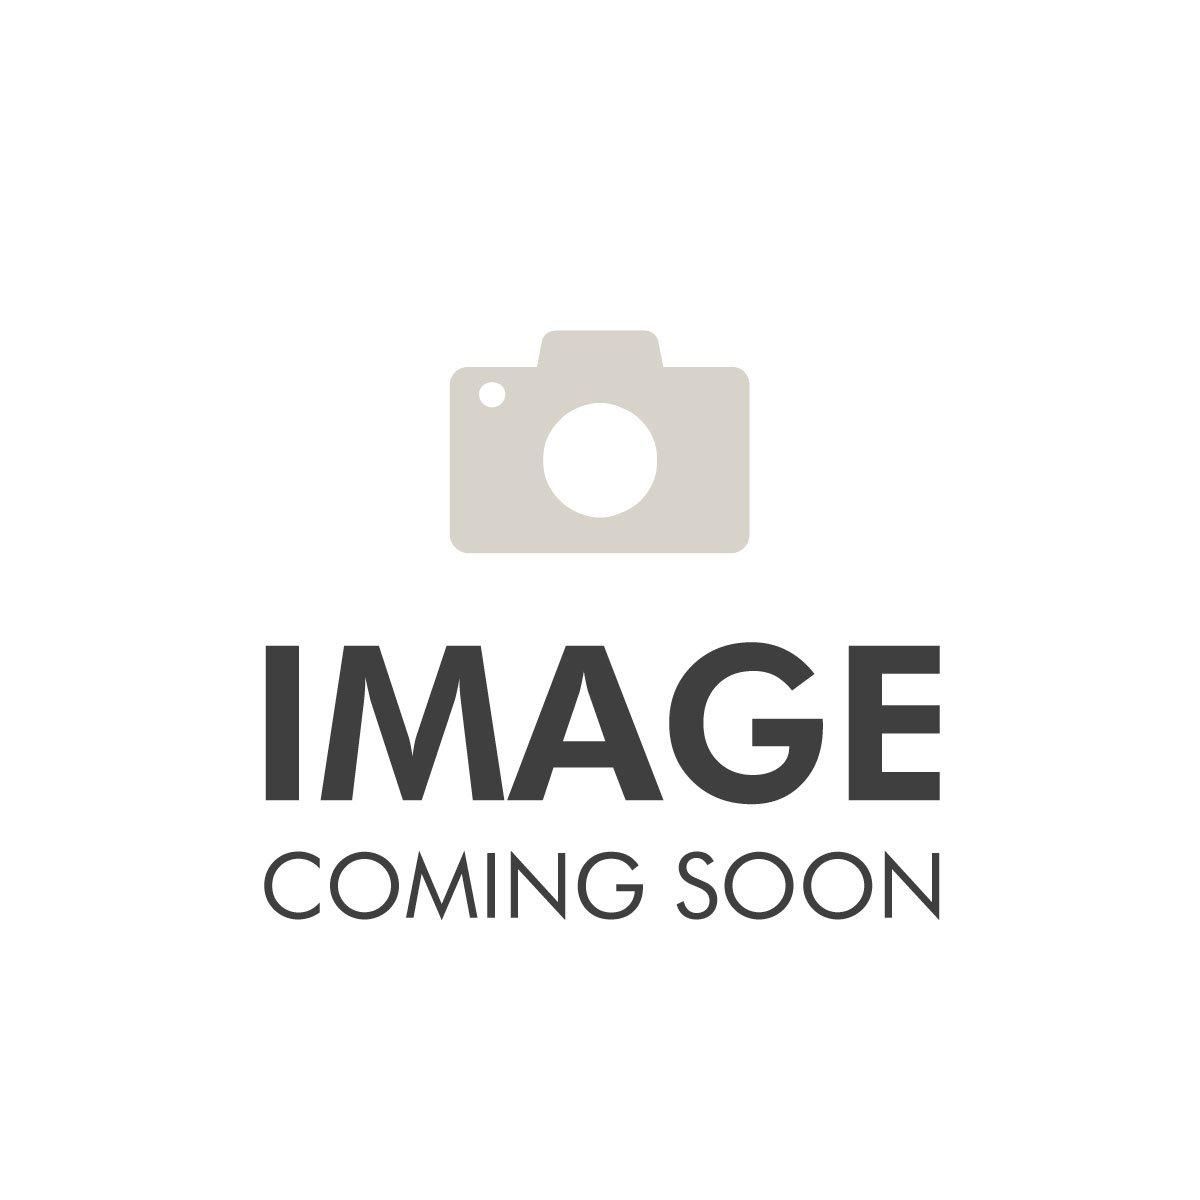 Negrini - Bayonet Foil Socket - Italian